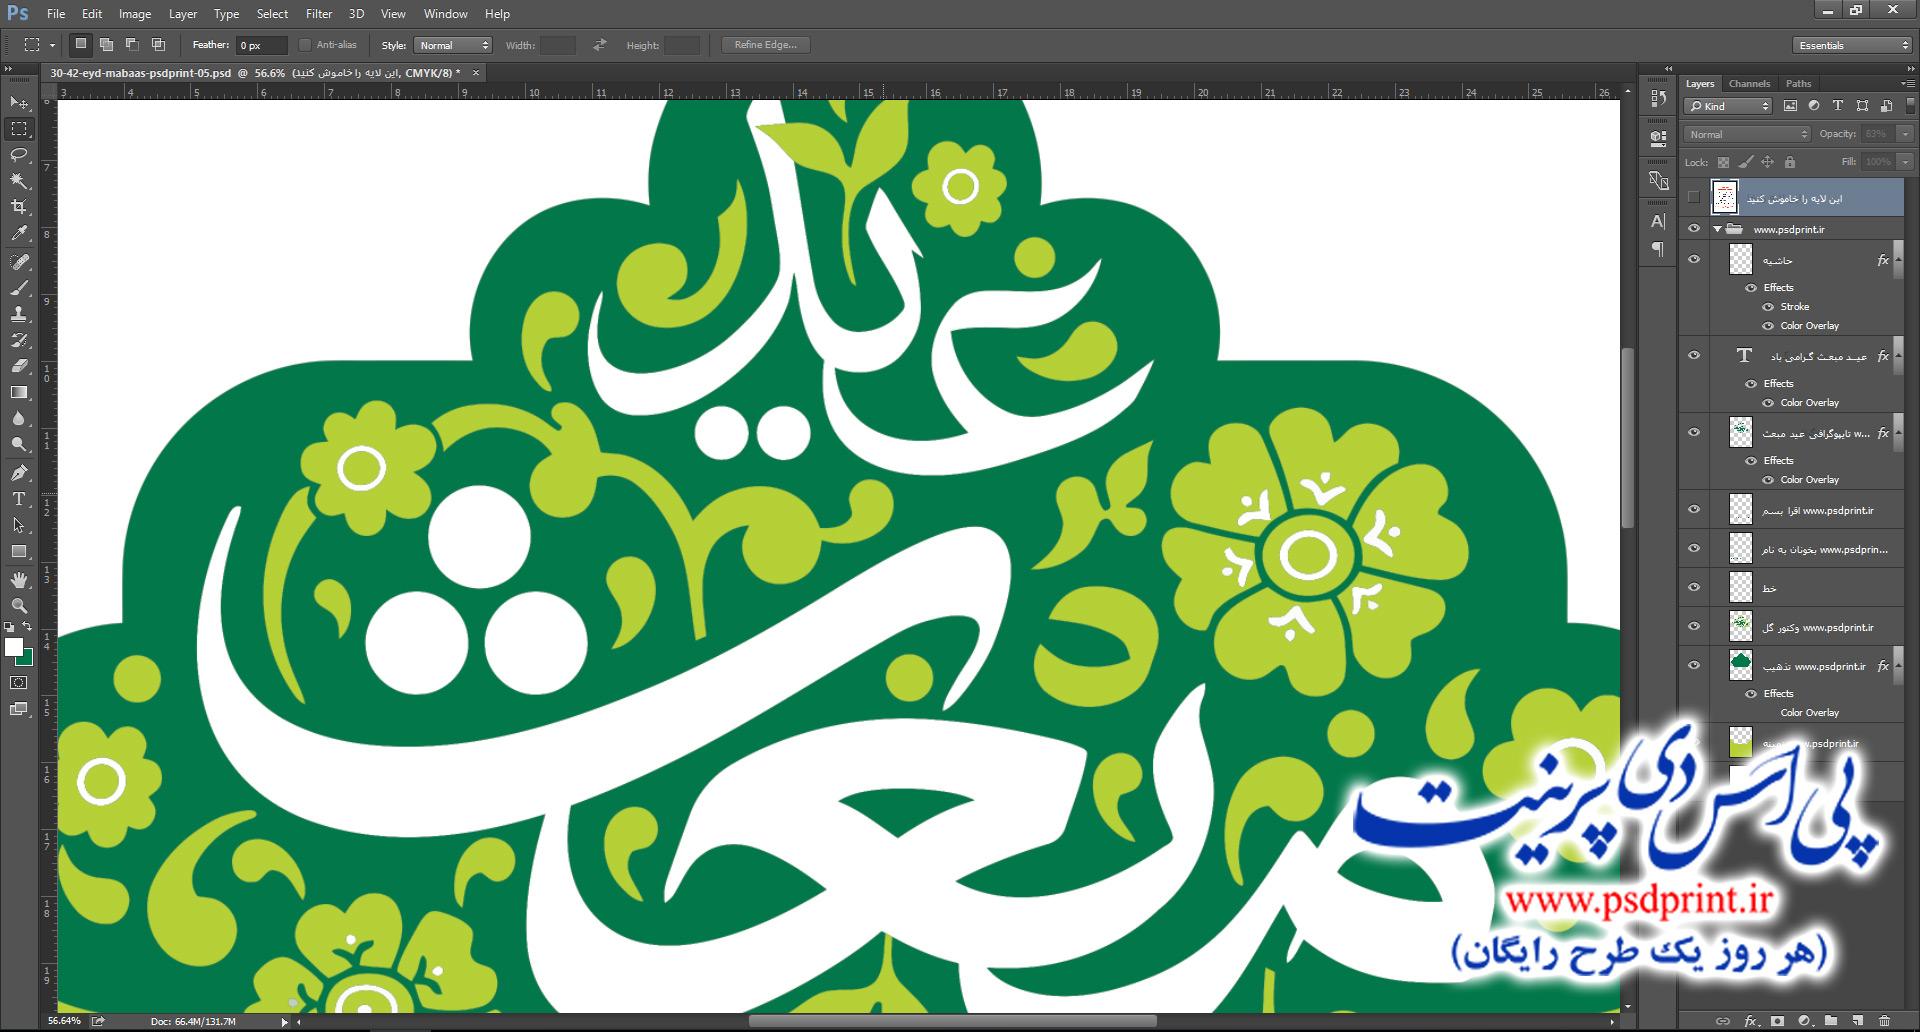 تایپوگرافی عید مبعث